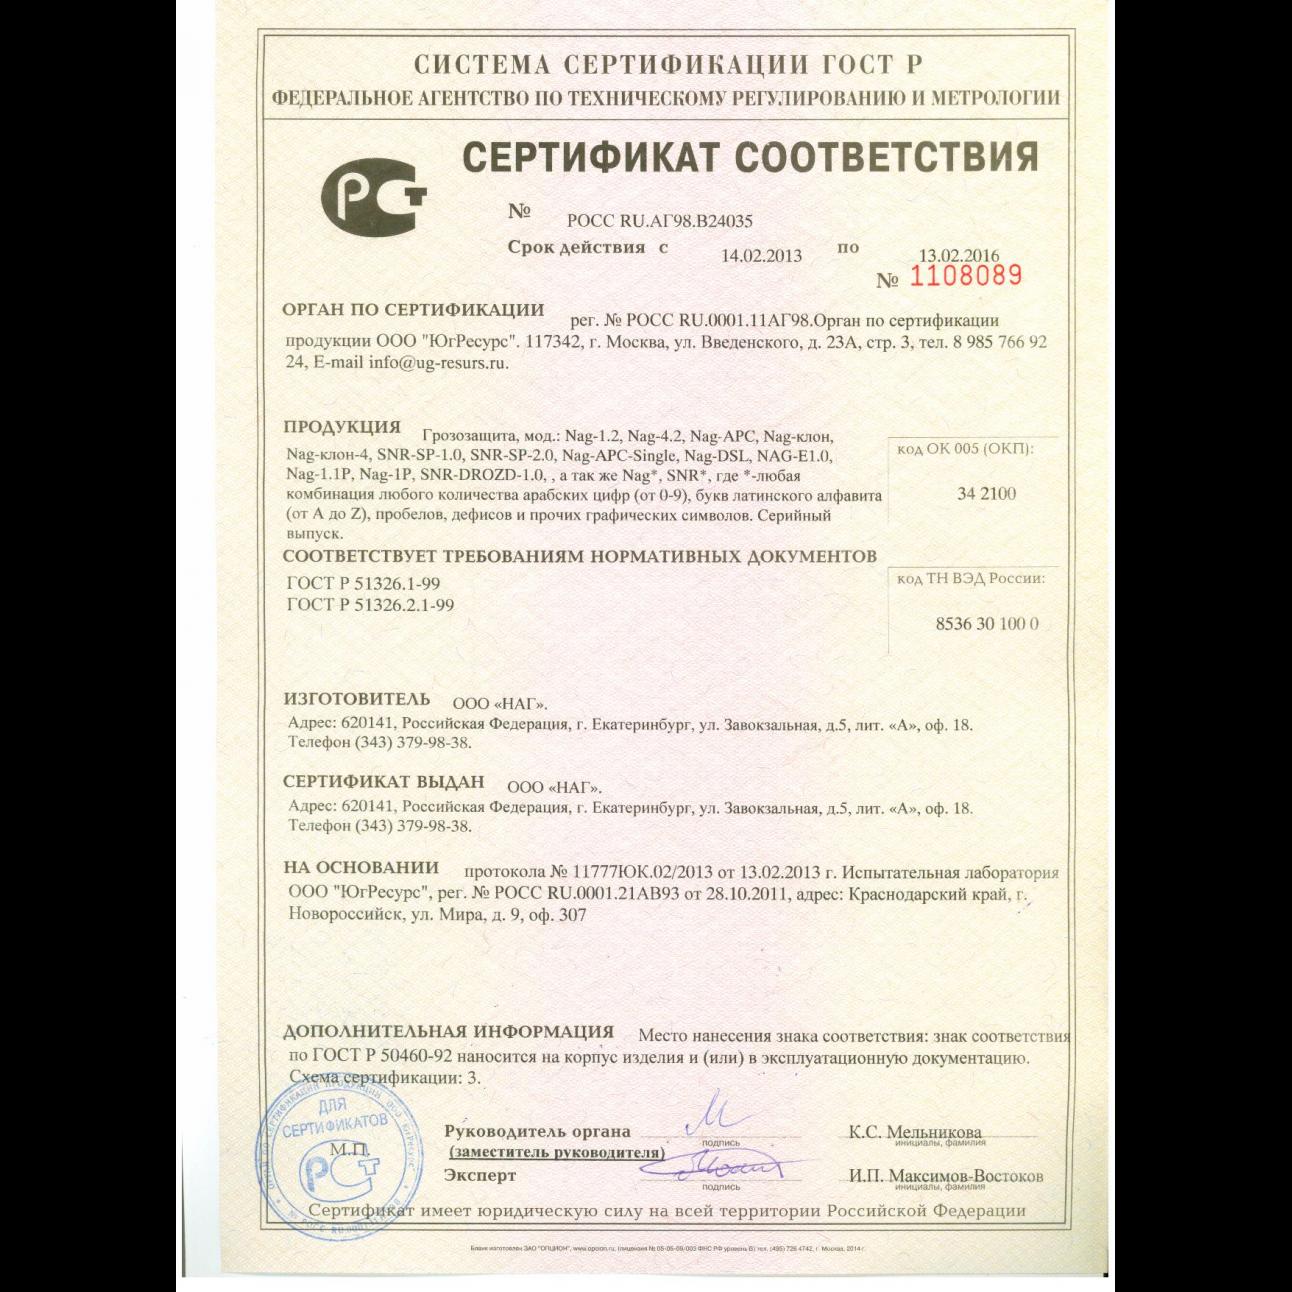 Грозозащита Ethernet Nag-1.2 (10 штук)